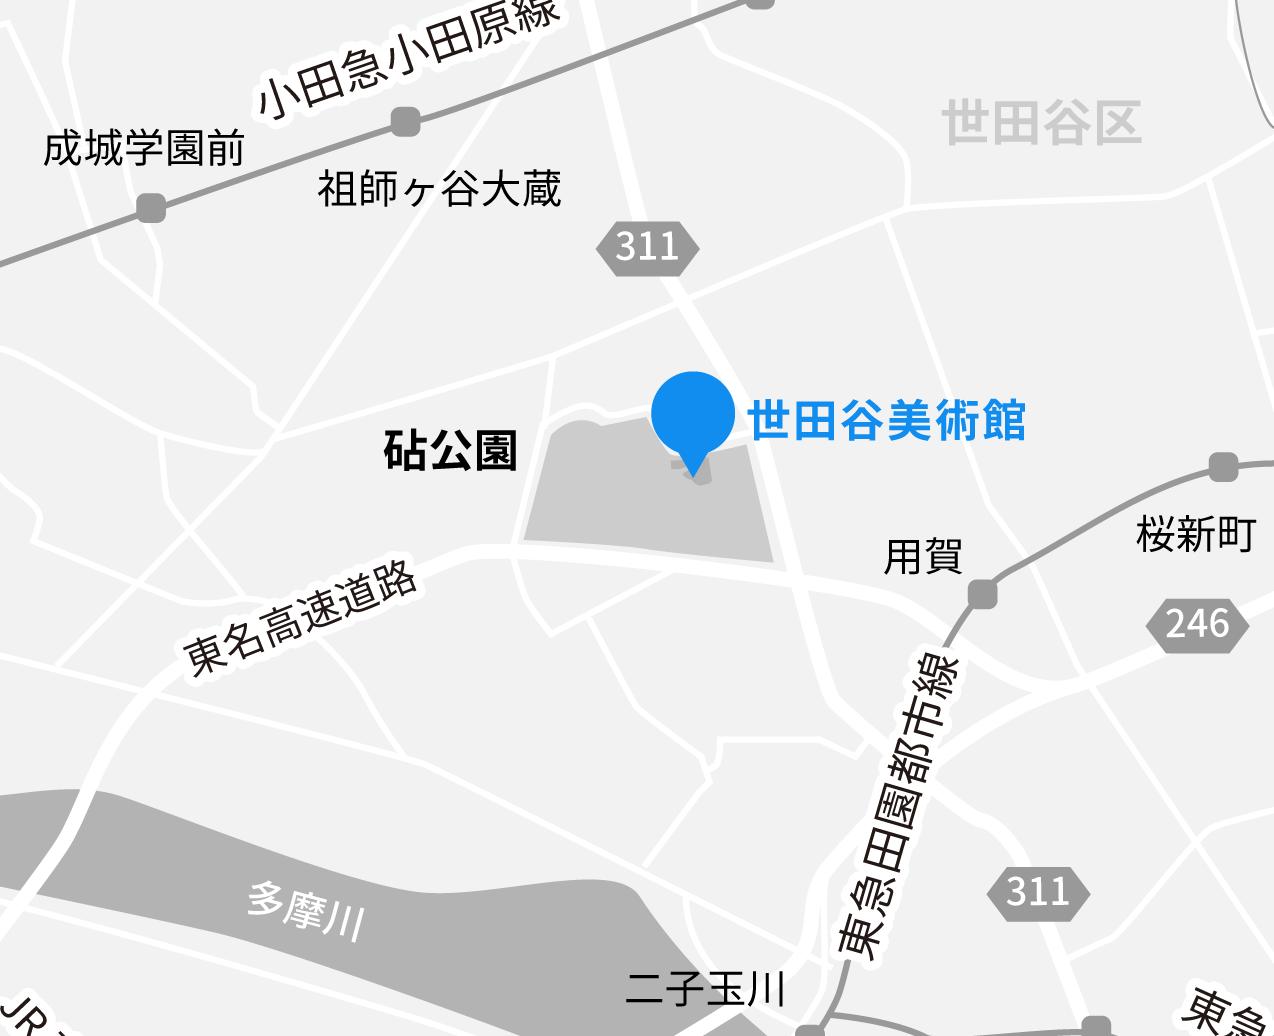 コロナ 世田谷 ウイルス 区